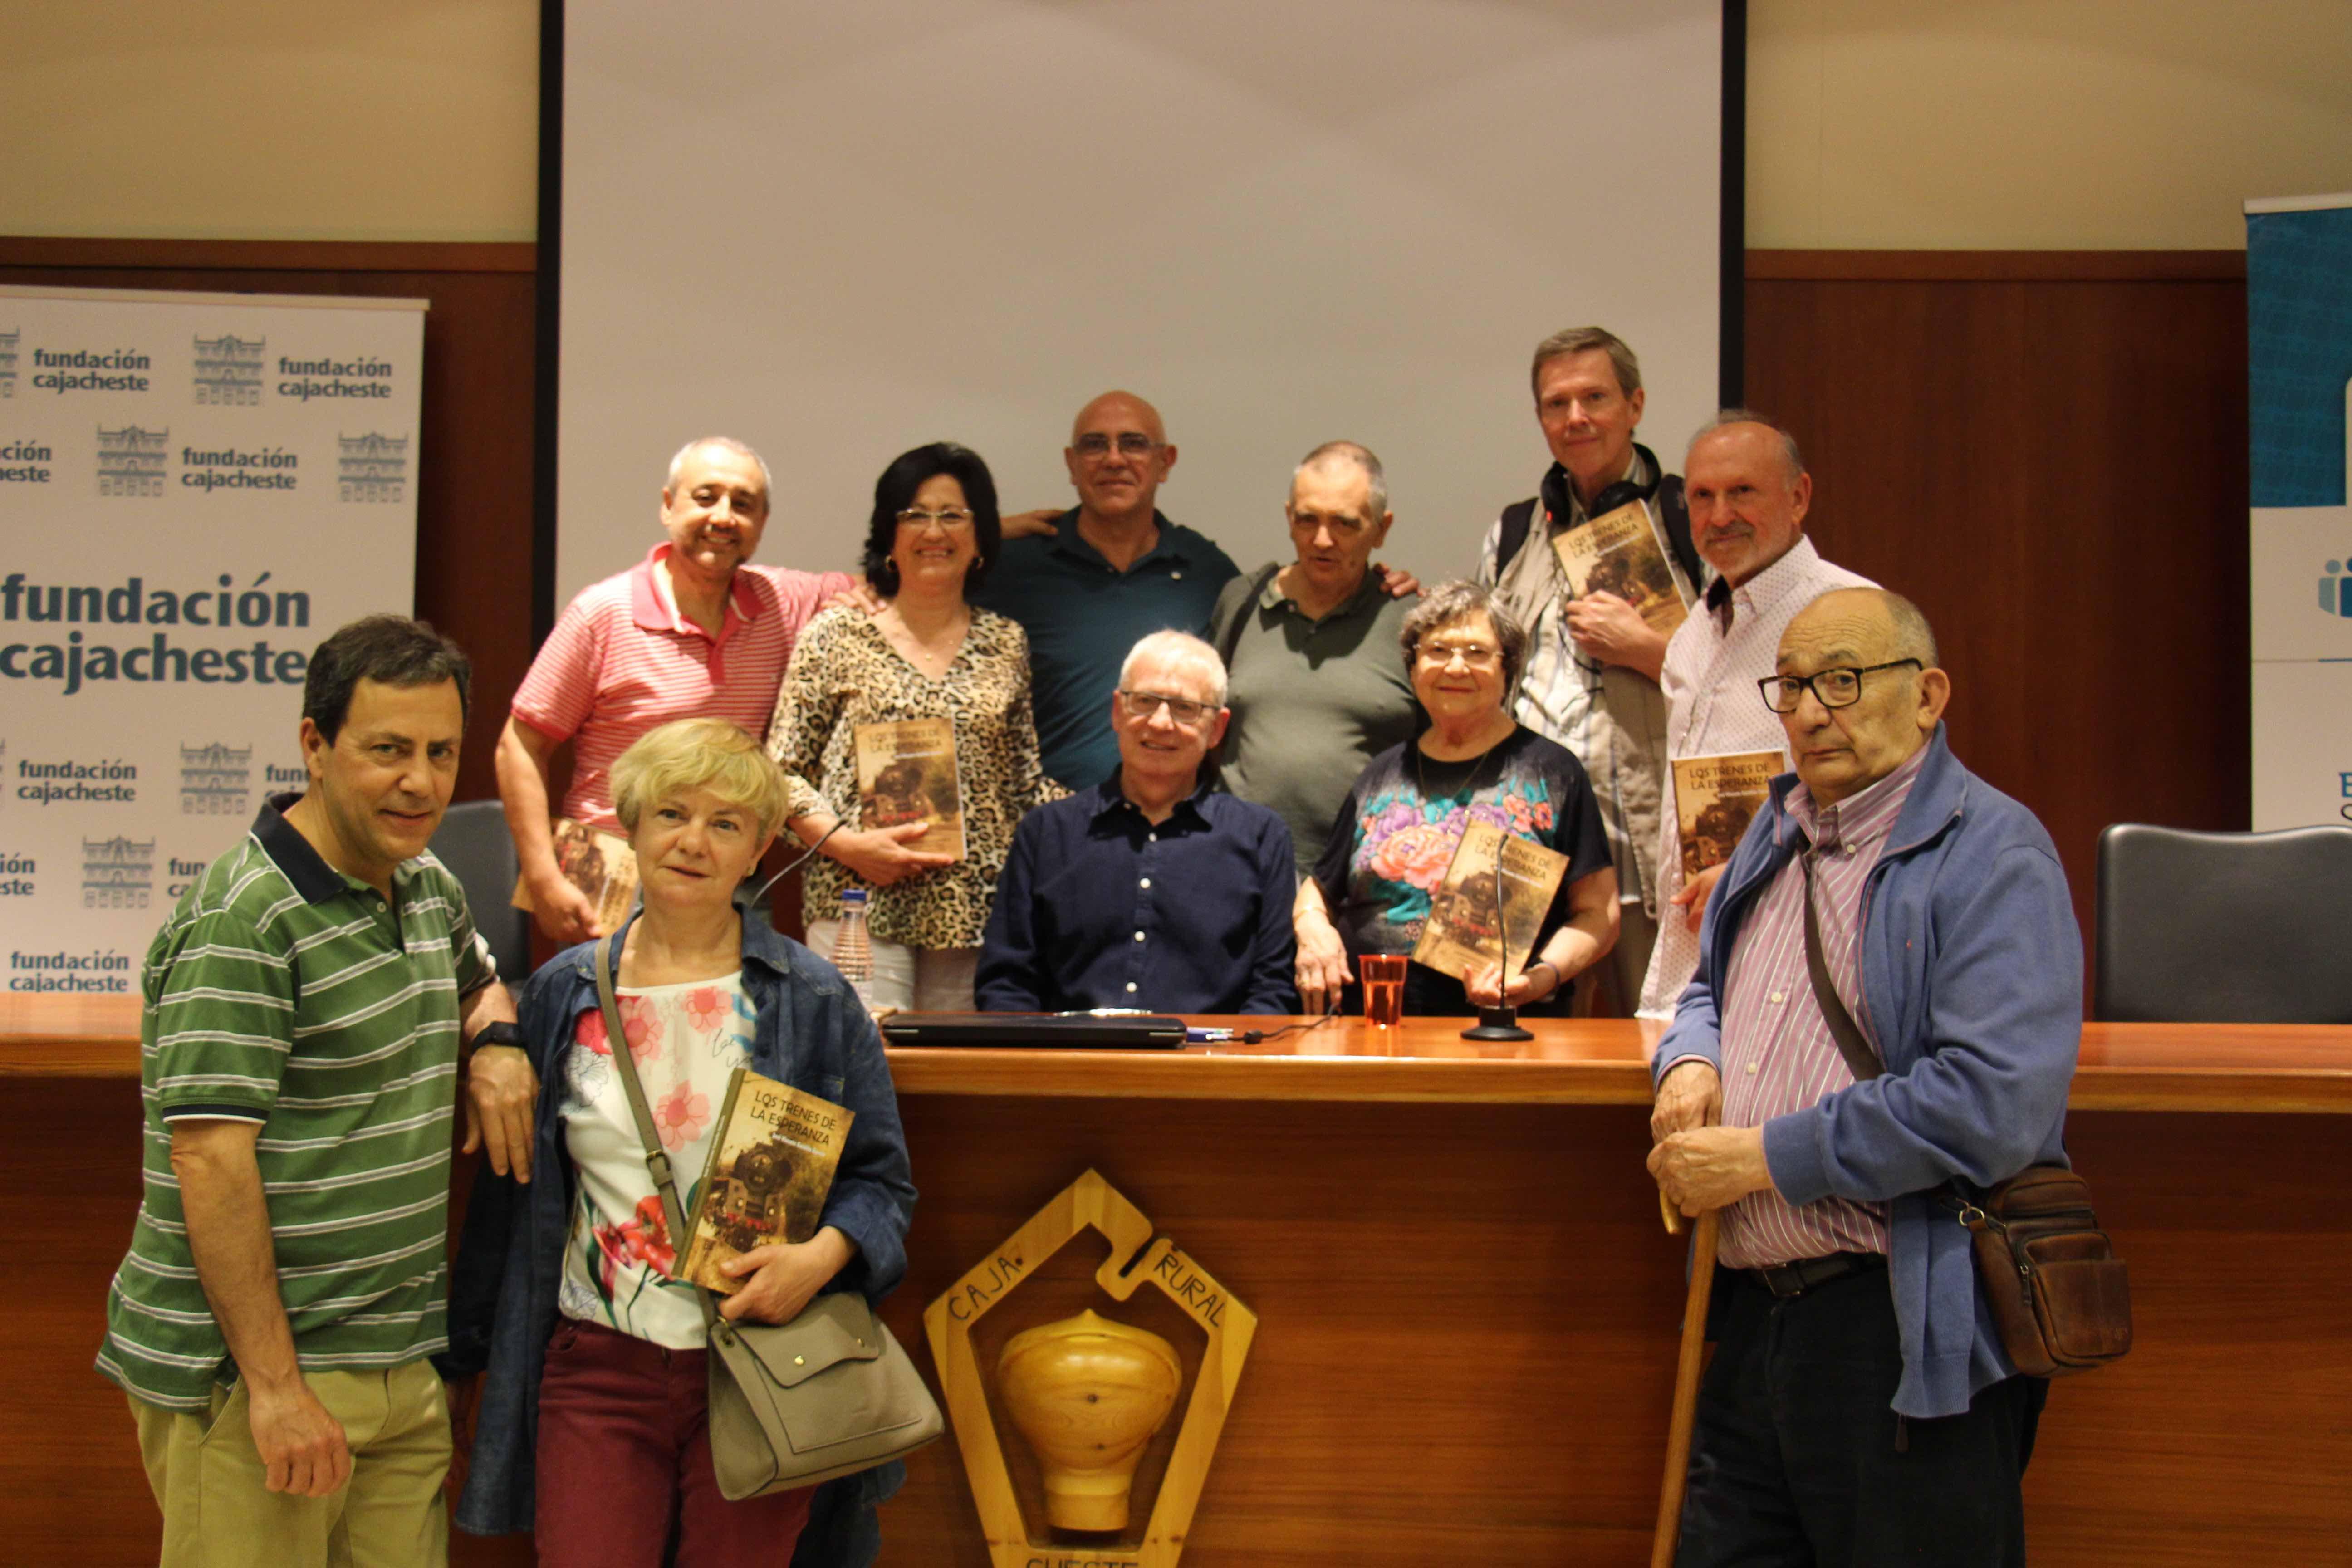 Presentación el libro Los trenes de la esperanza, esperantistas solidarios sobre los niños y niñas austriacos acogidos en Cheste en 1920.